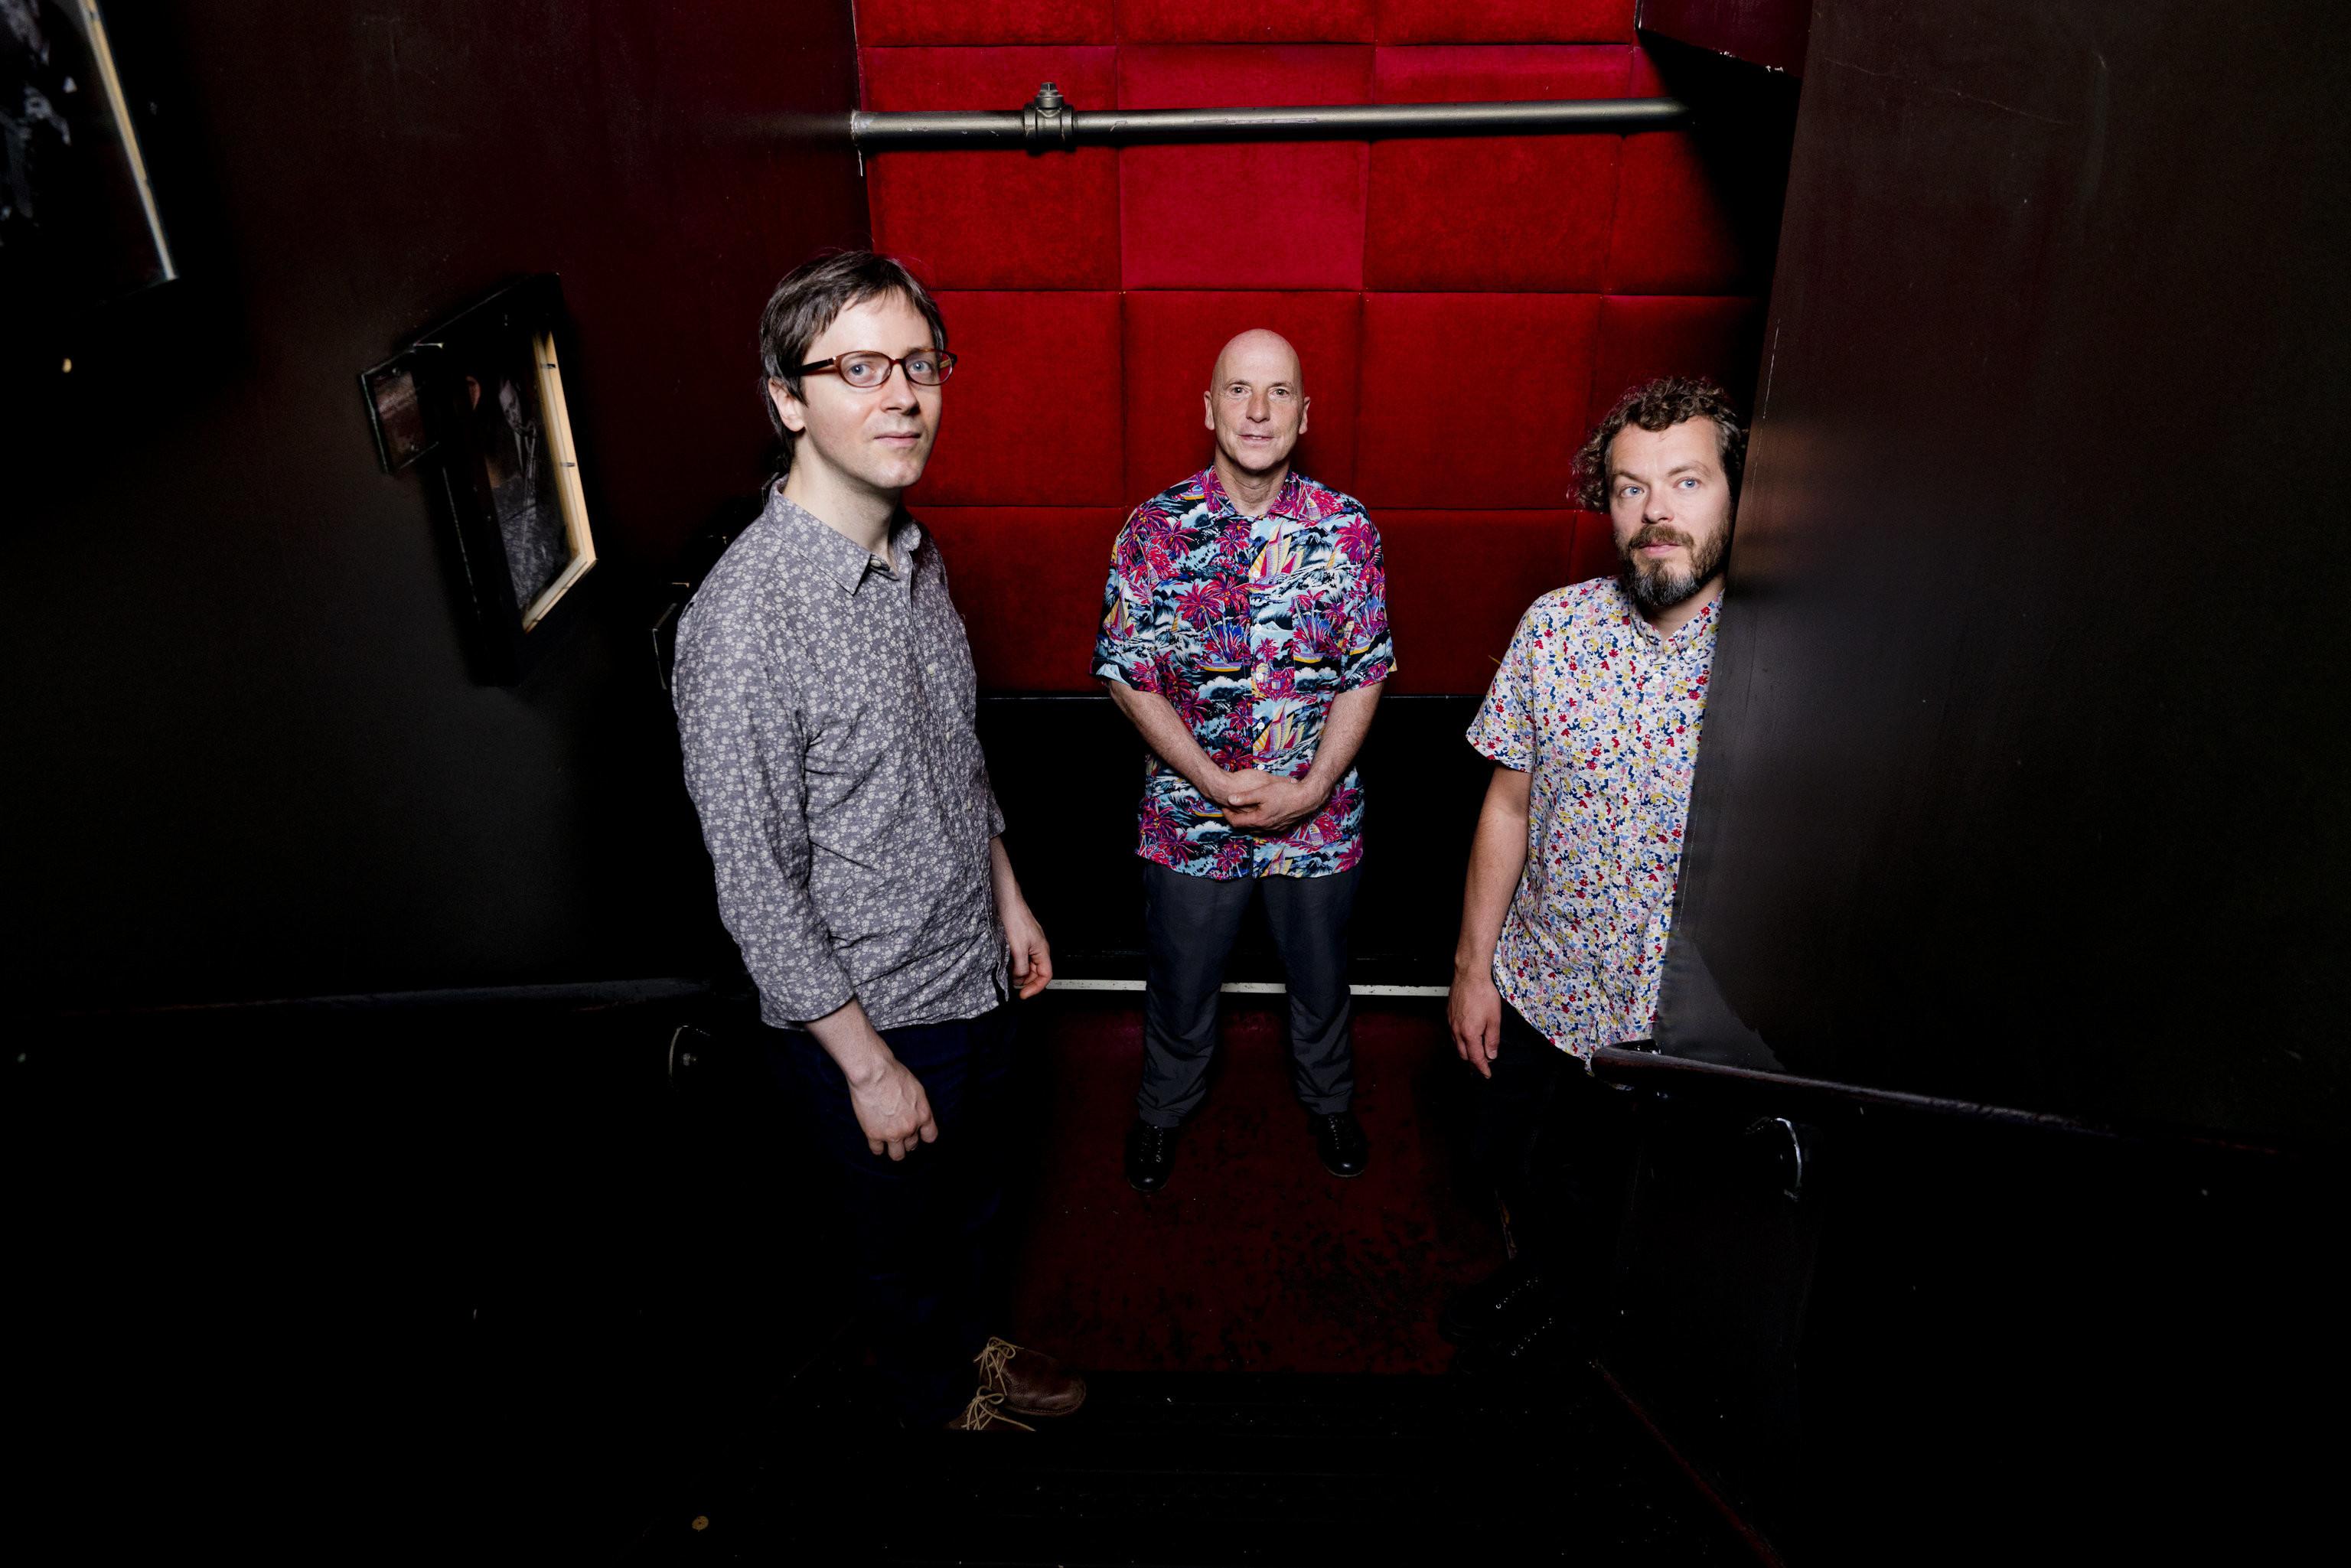 ParmaJazz Frontiere Festival: Jakob Bro Trio Feat. Joey Baron & Thomas Morgan